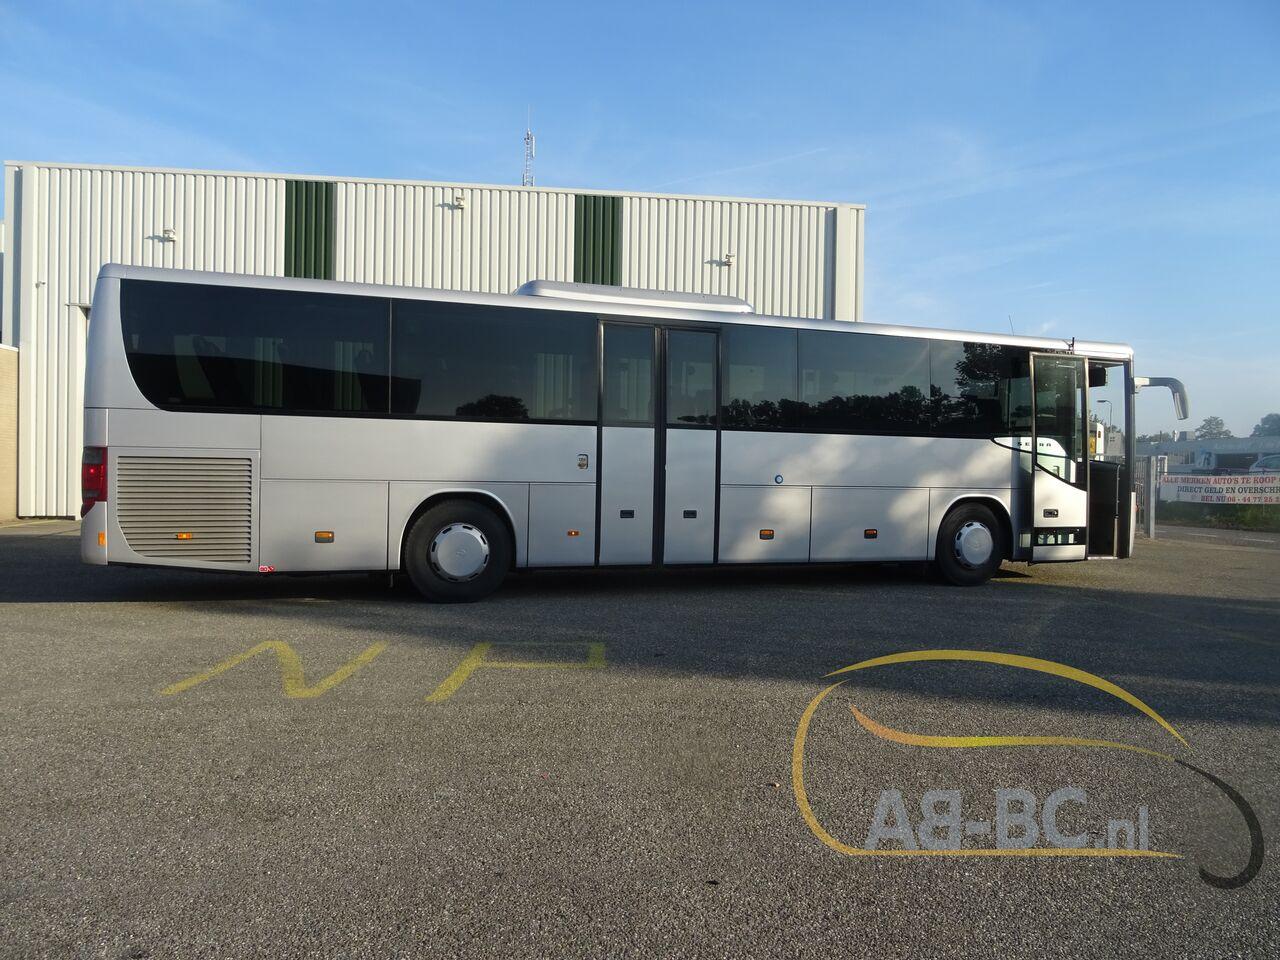 coach-bus-SETRA-S415H-52-Seats-EURO-6-Liftbus---1630913187832312025_big_b55f9ca49182c9d403672b273a252b34--21070517141280735500